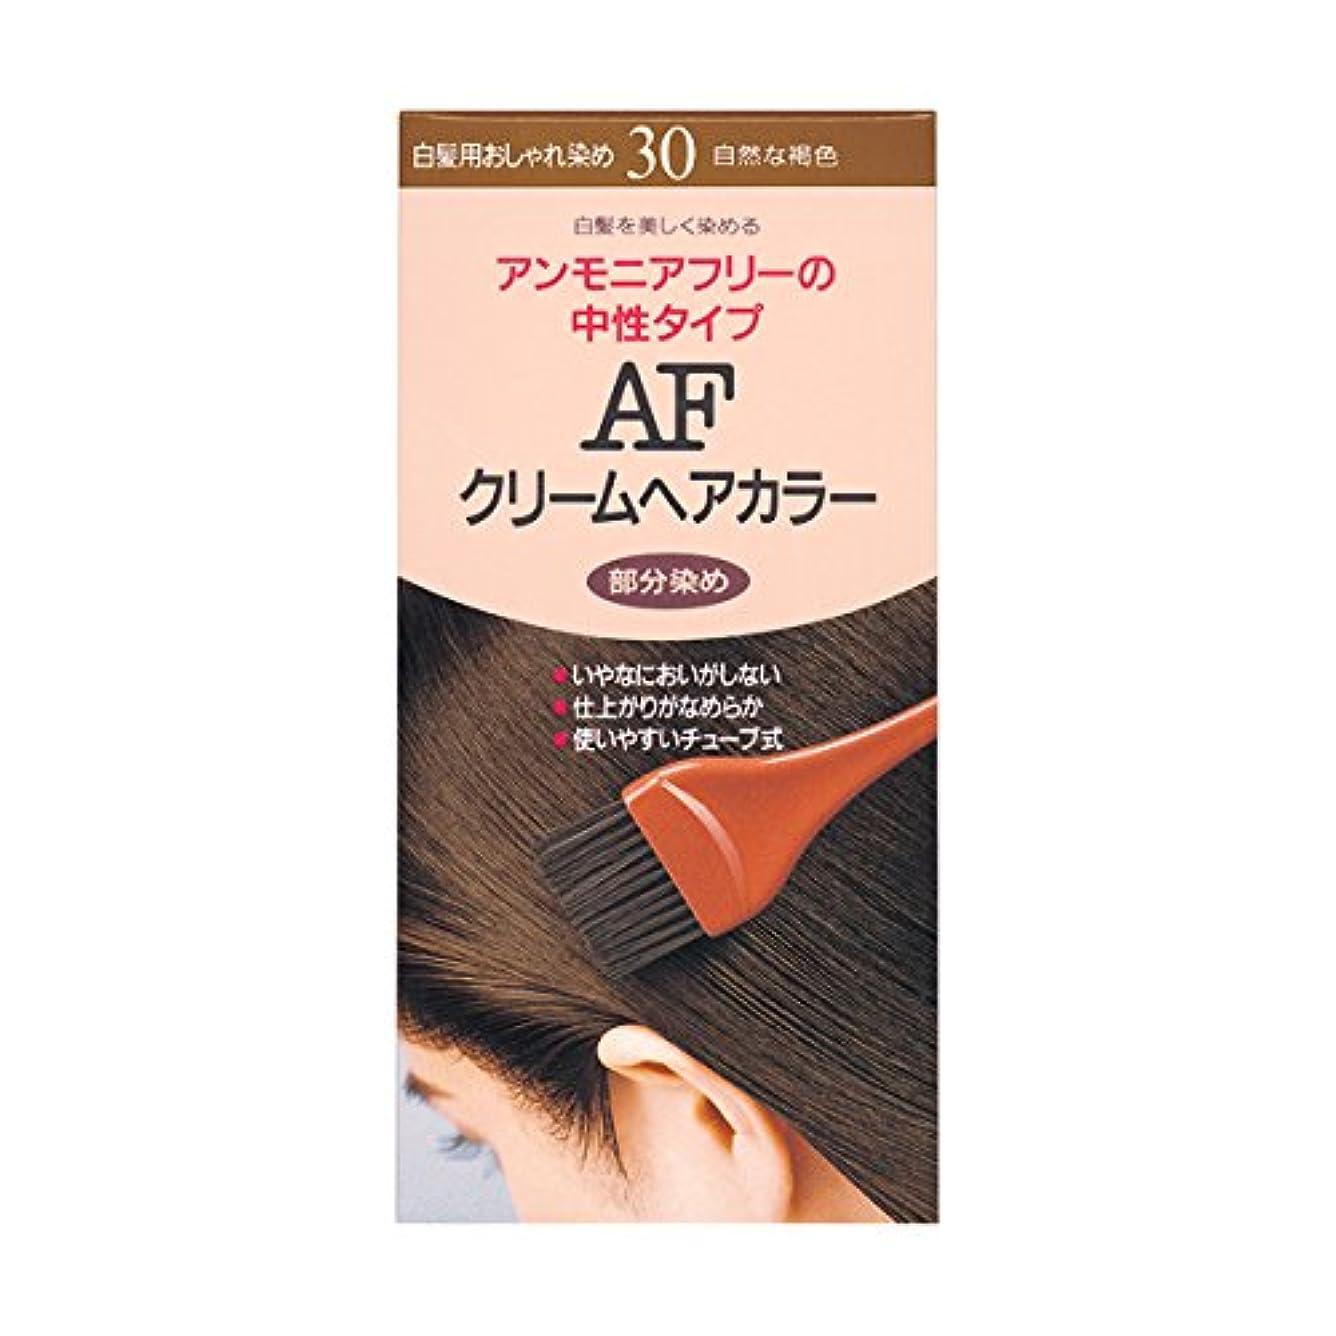 選出する偏見タイマーヘアカラー AFクリームヘアカラー 30 【医薬部外品】